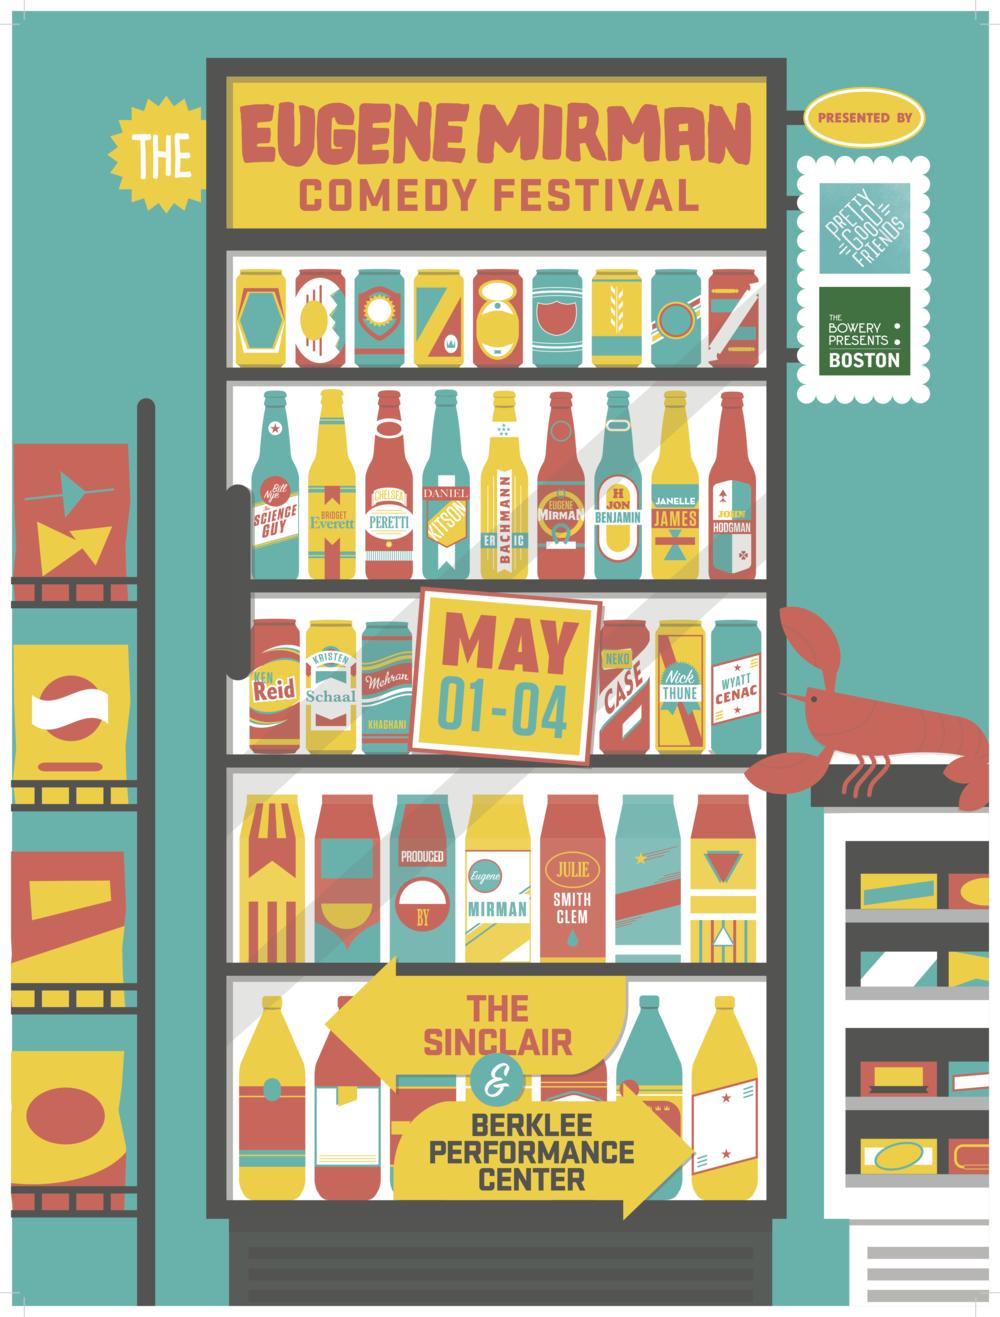 UM_PGF_Eugene_Festival_poster_boston_v5_booth.png